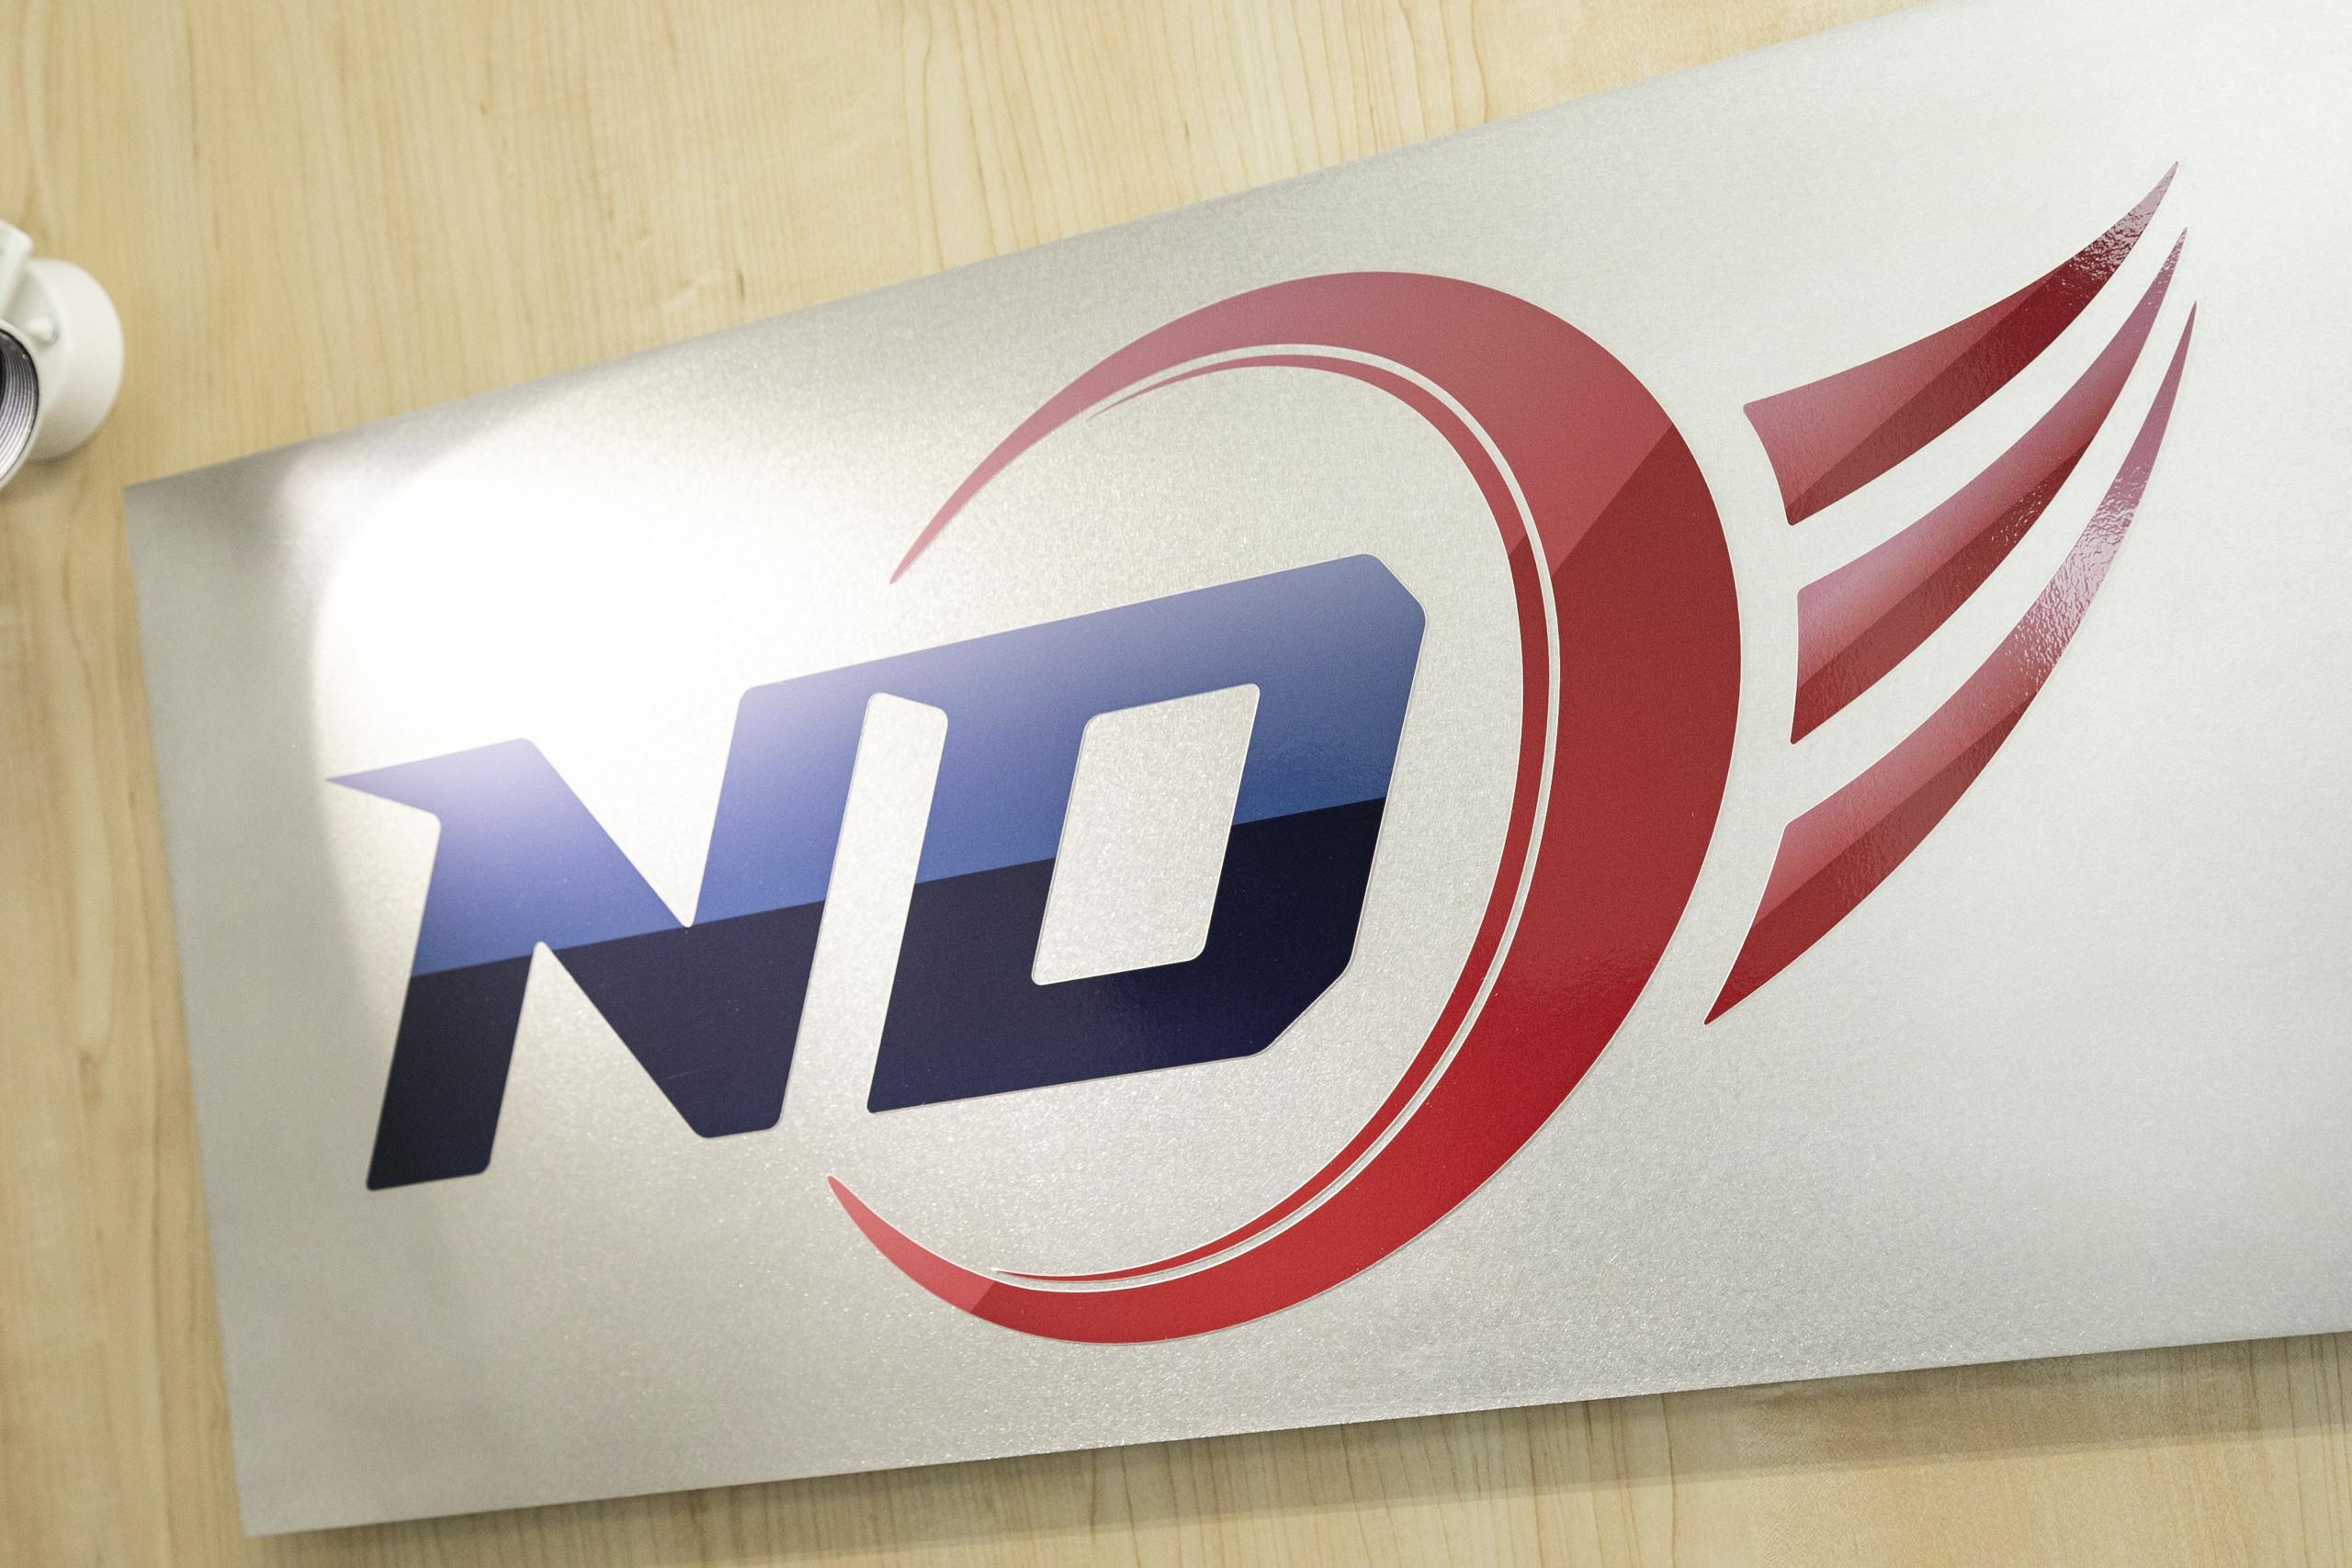 日本電通株式会社のロゴマーク